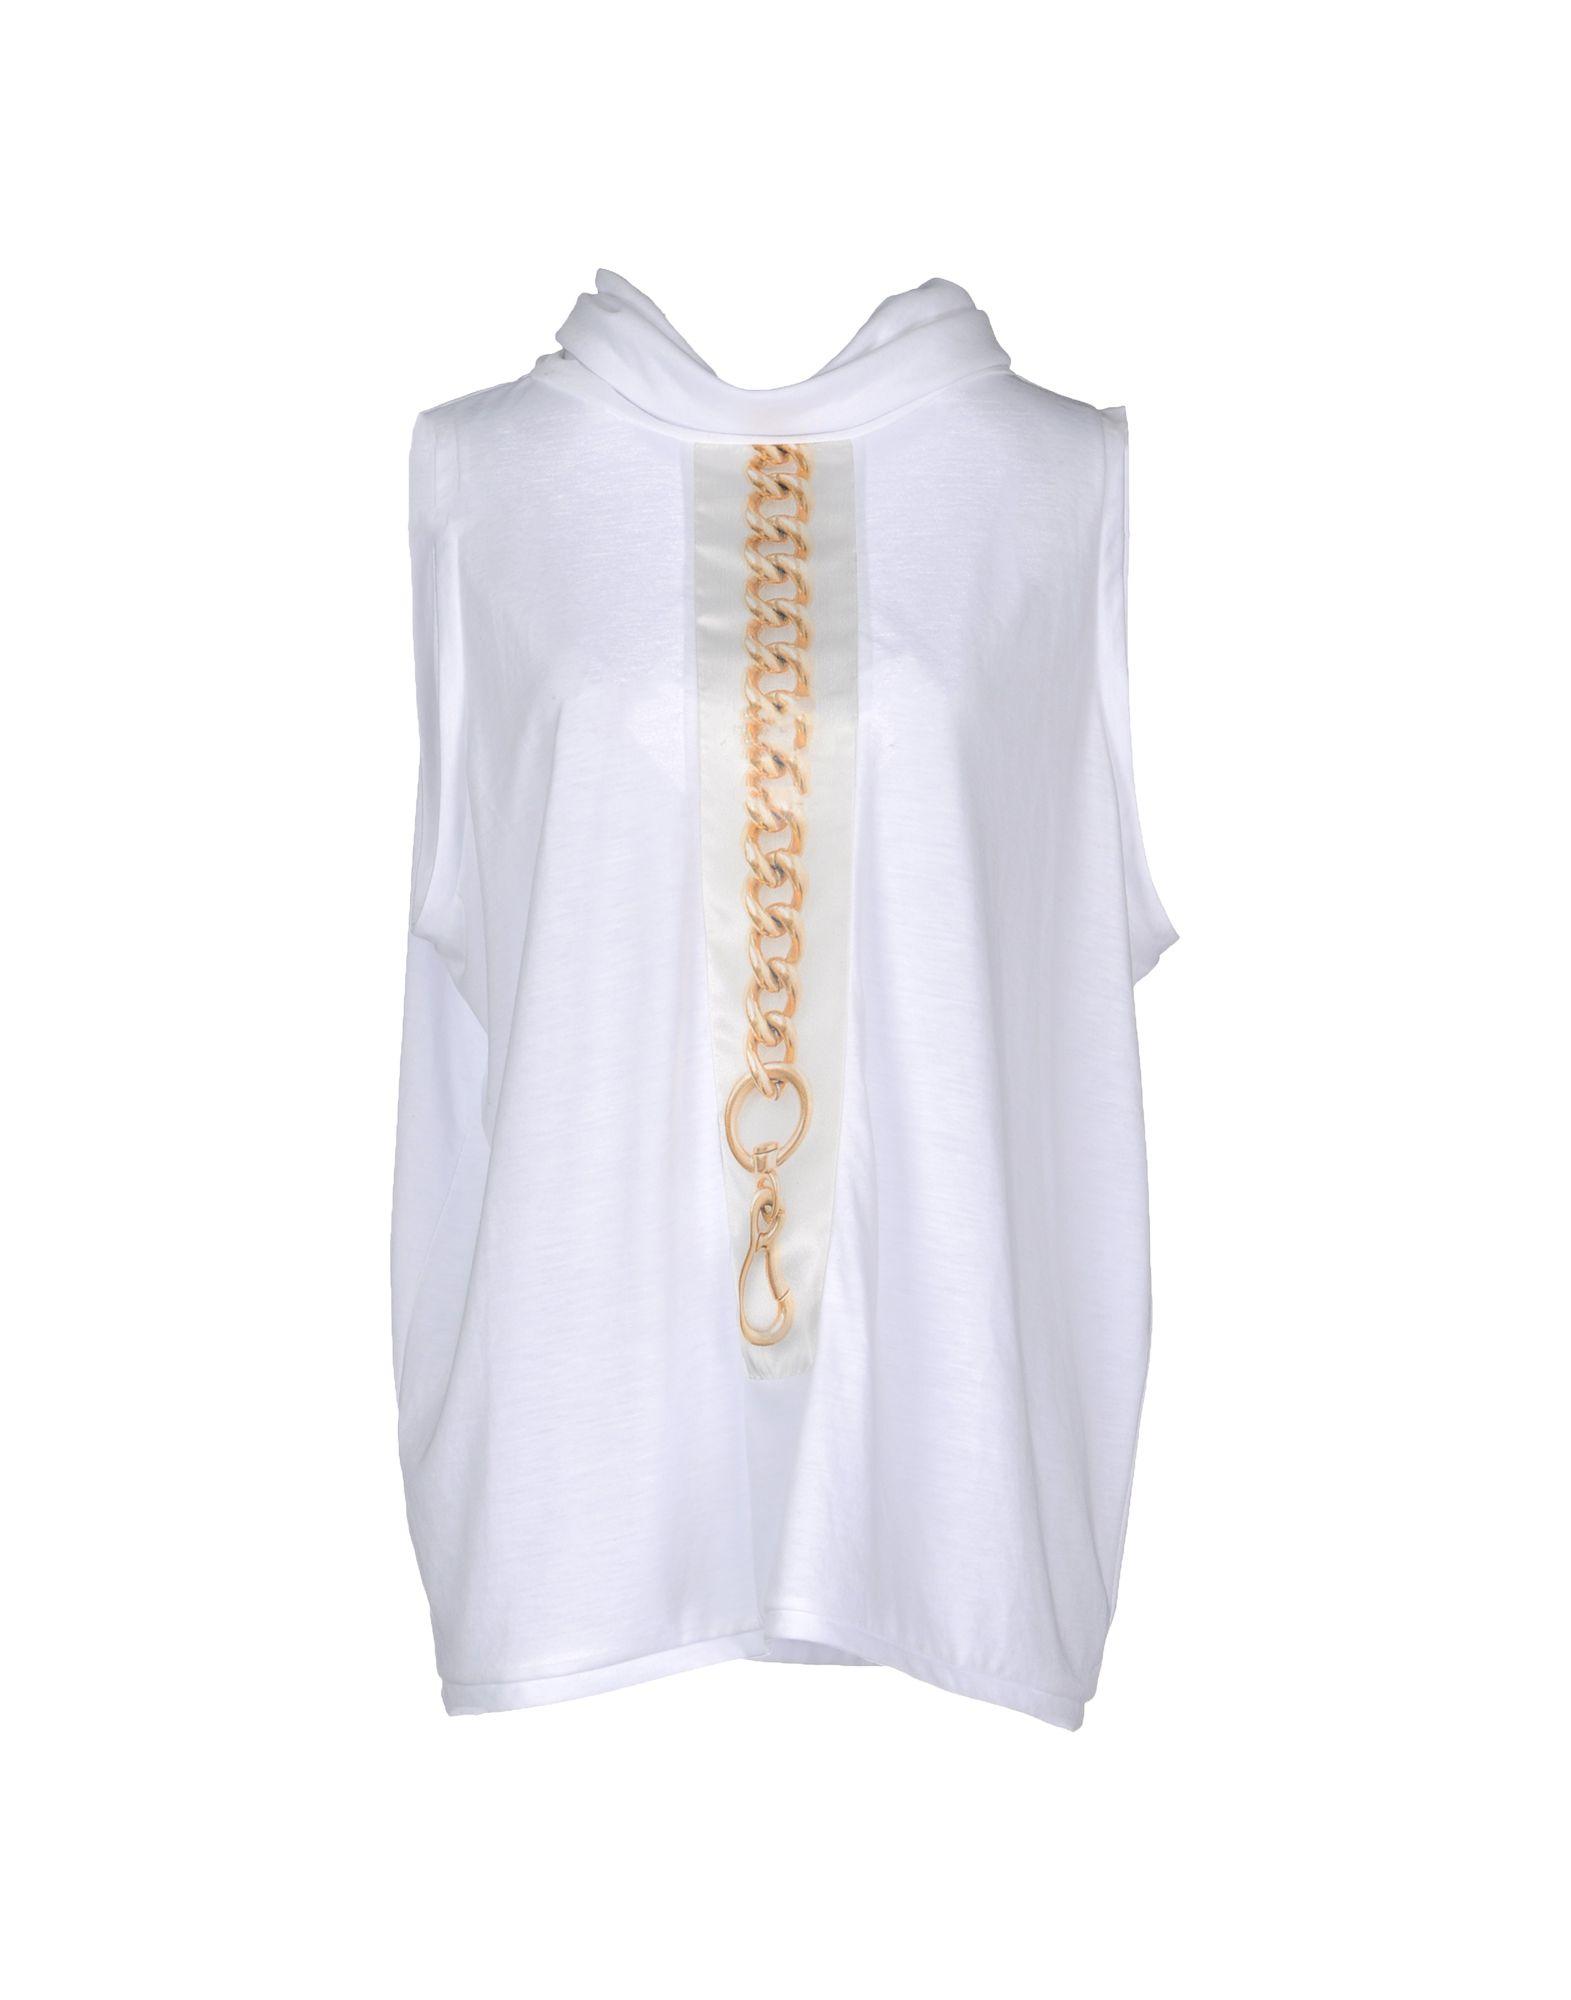 Venera Arapu Top In White